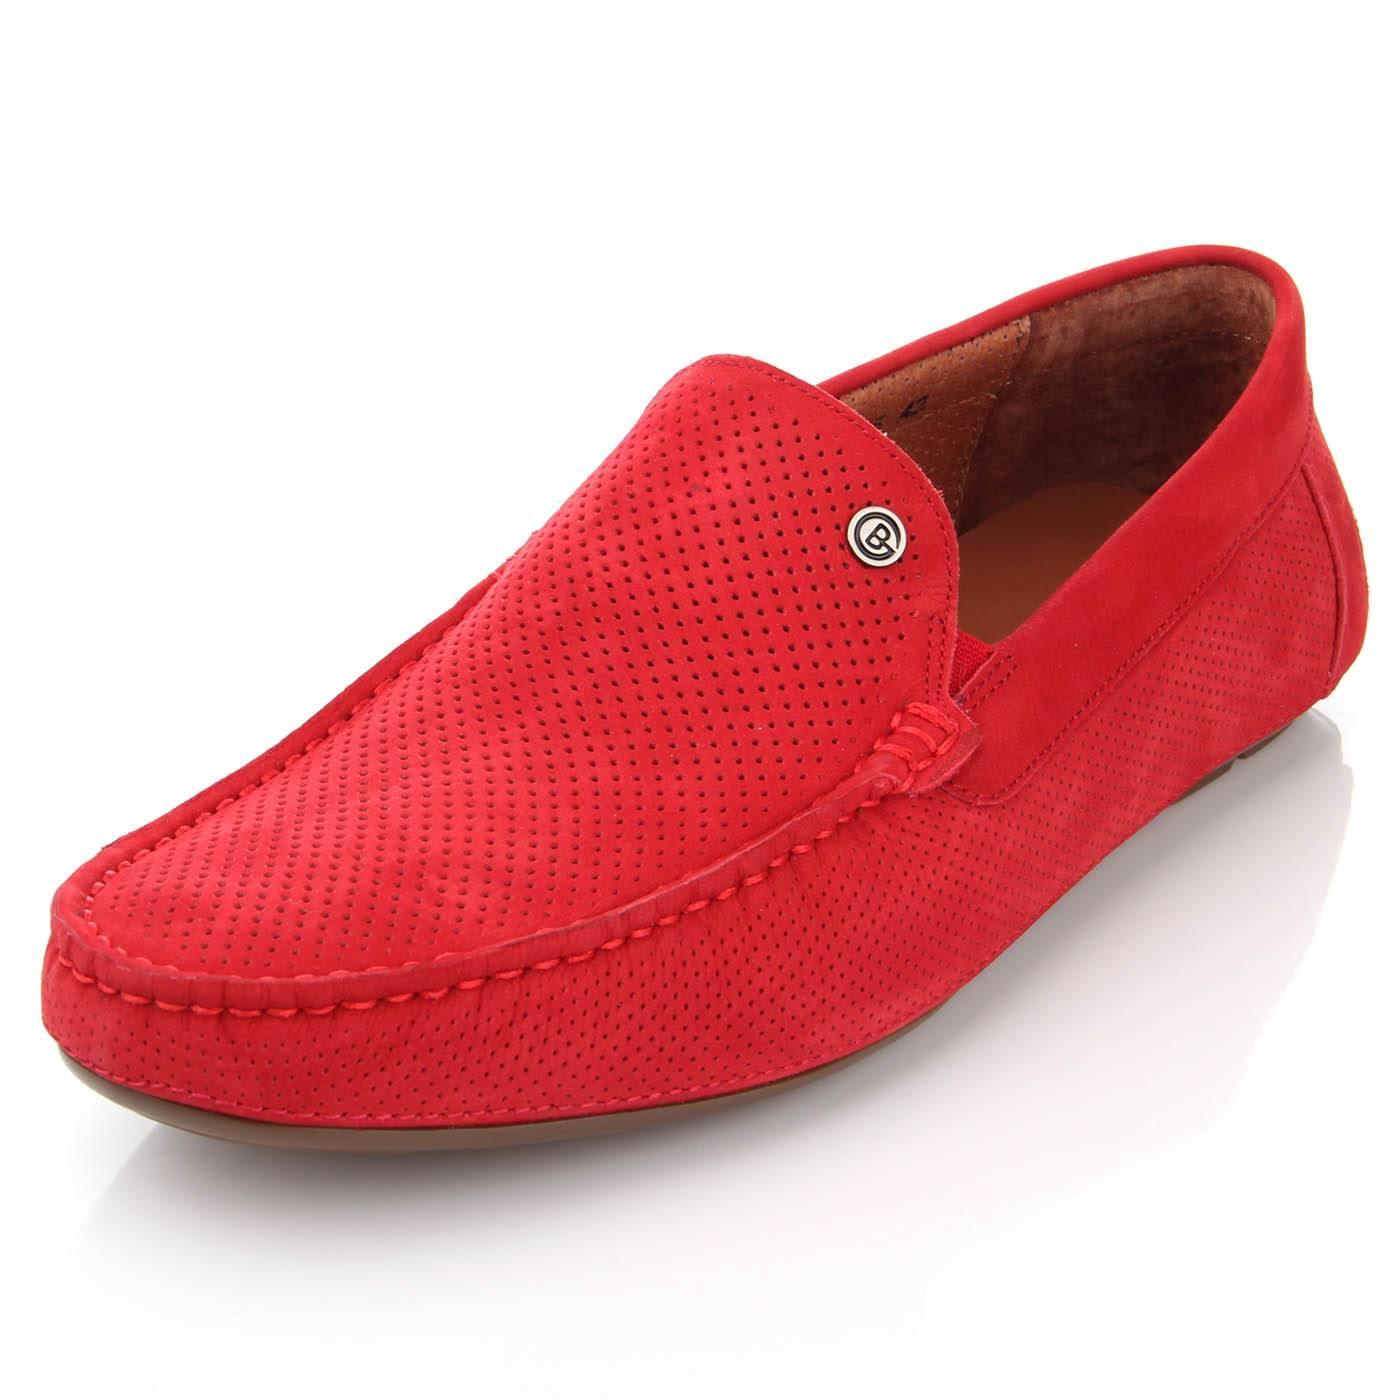 d6ef69638 Мокасины мужские ditto 6648 Красный купить по выгодной цене в ...